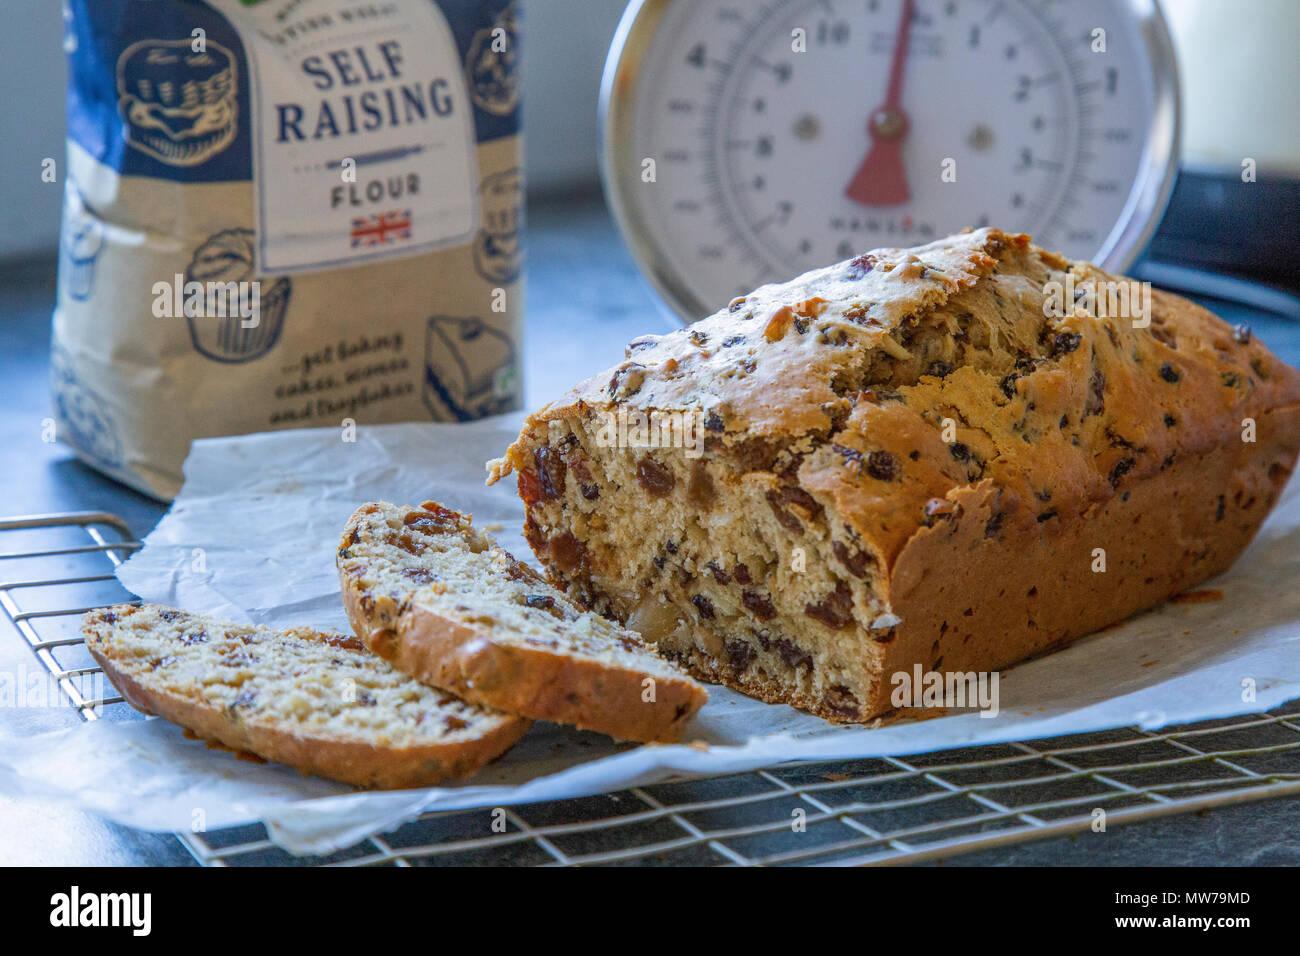 A reshly baked fruit tea loaf on a cooling rack. - Stock Image